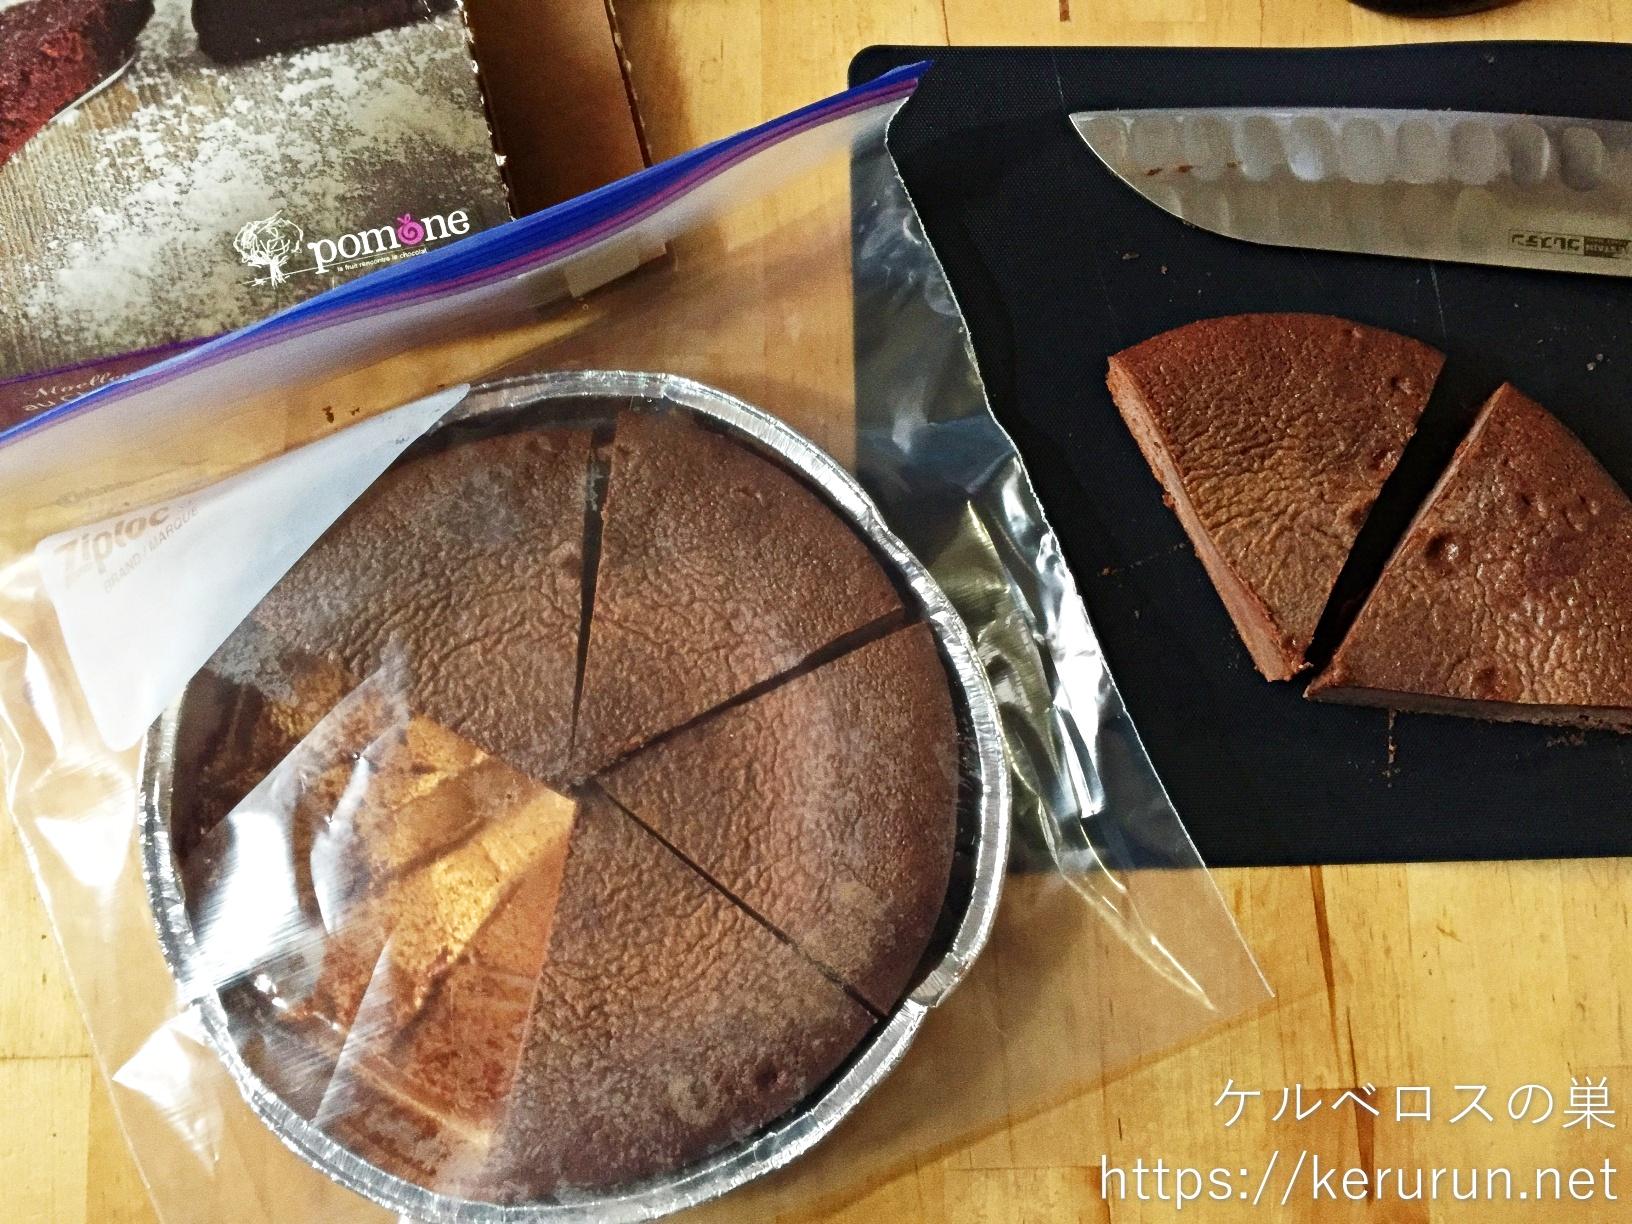 【コストコ】POMONE チョコレートケーキ